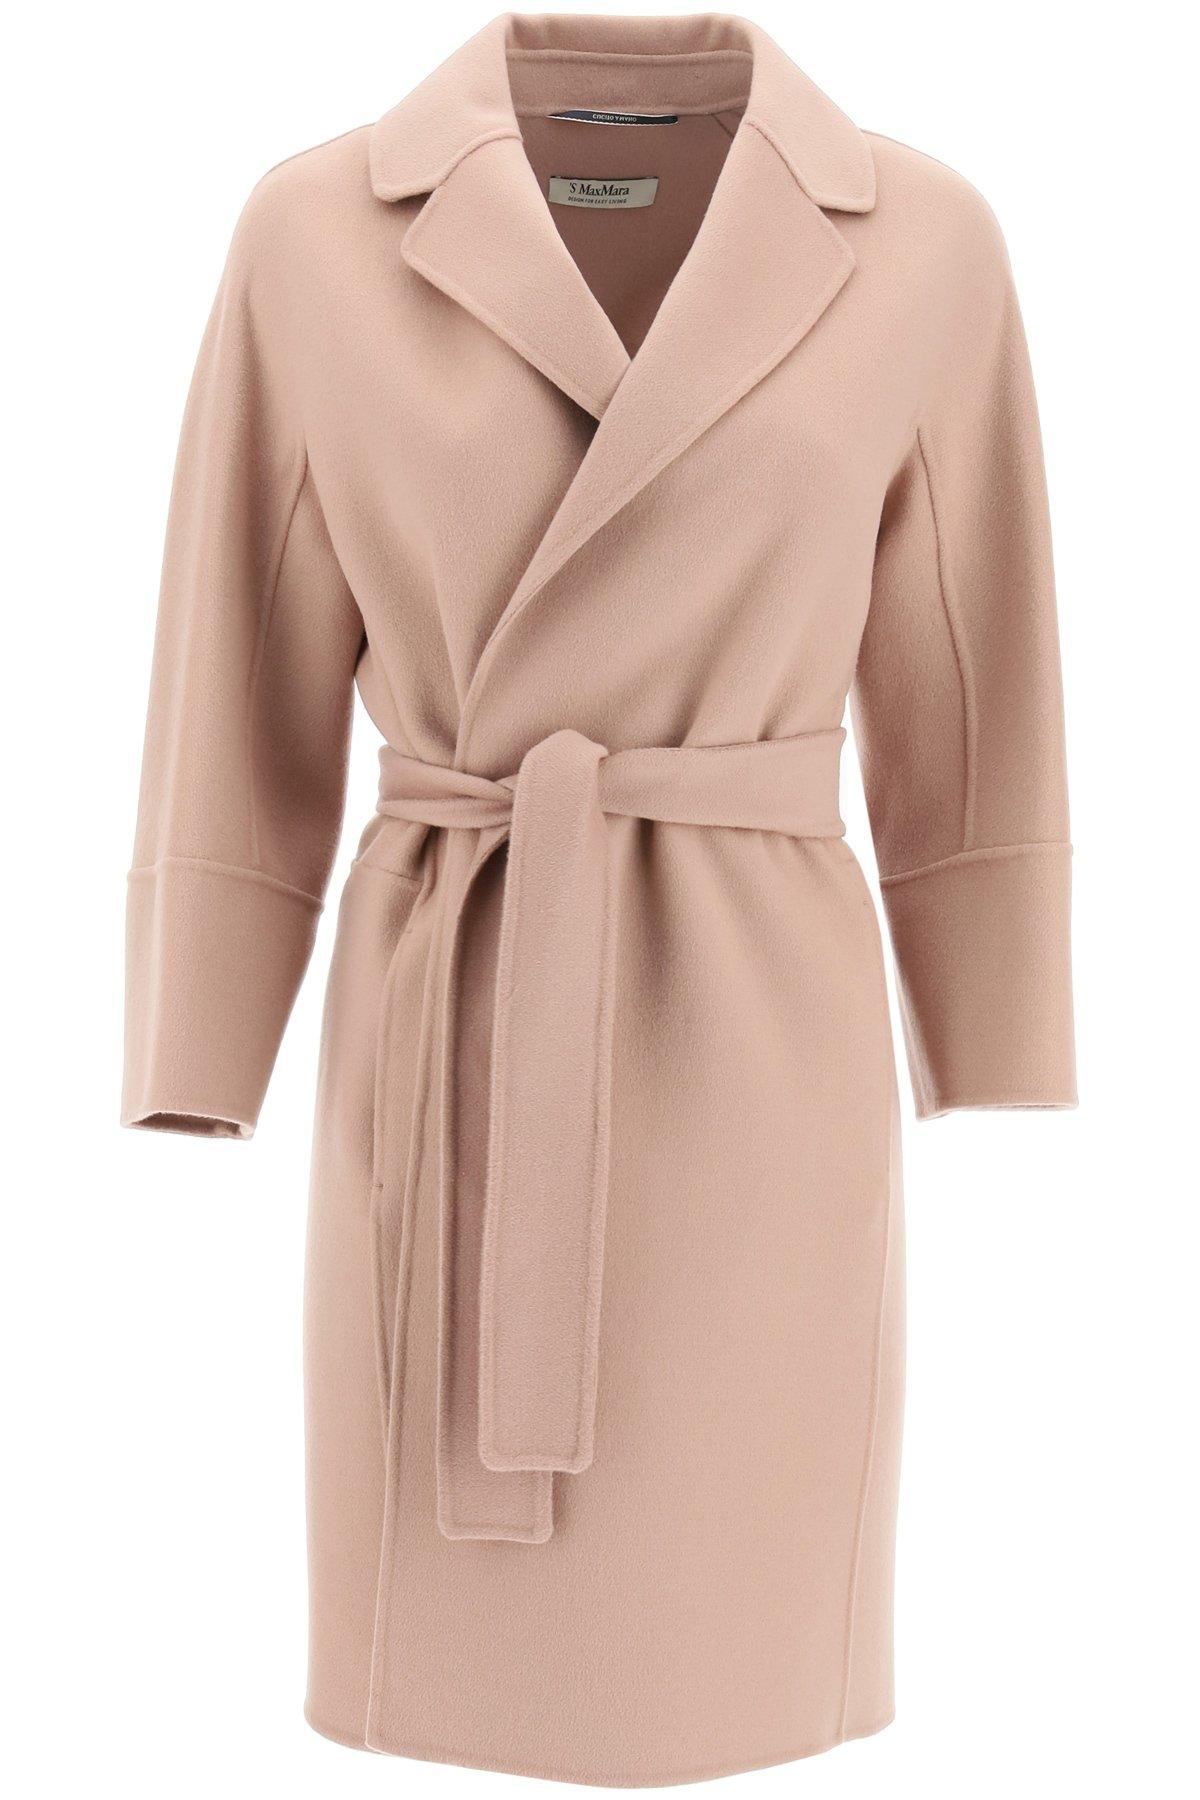 's max mara cappotto arona in lana